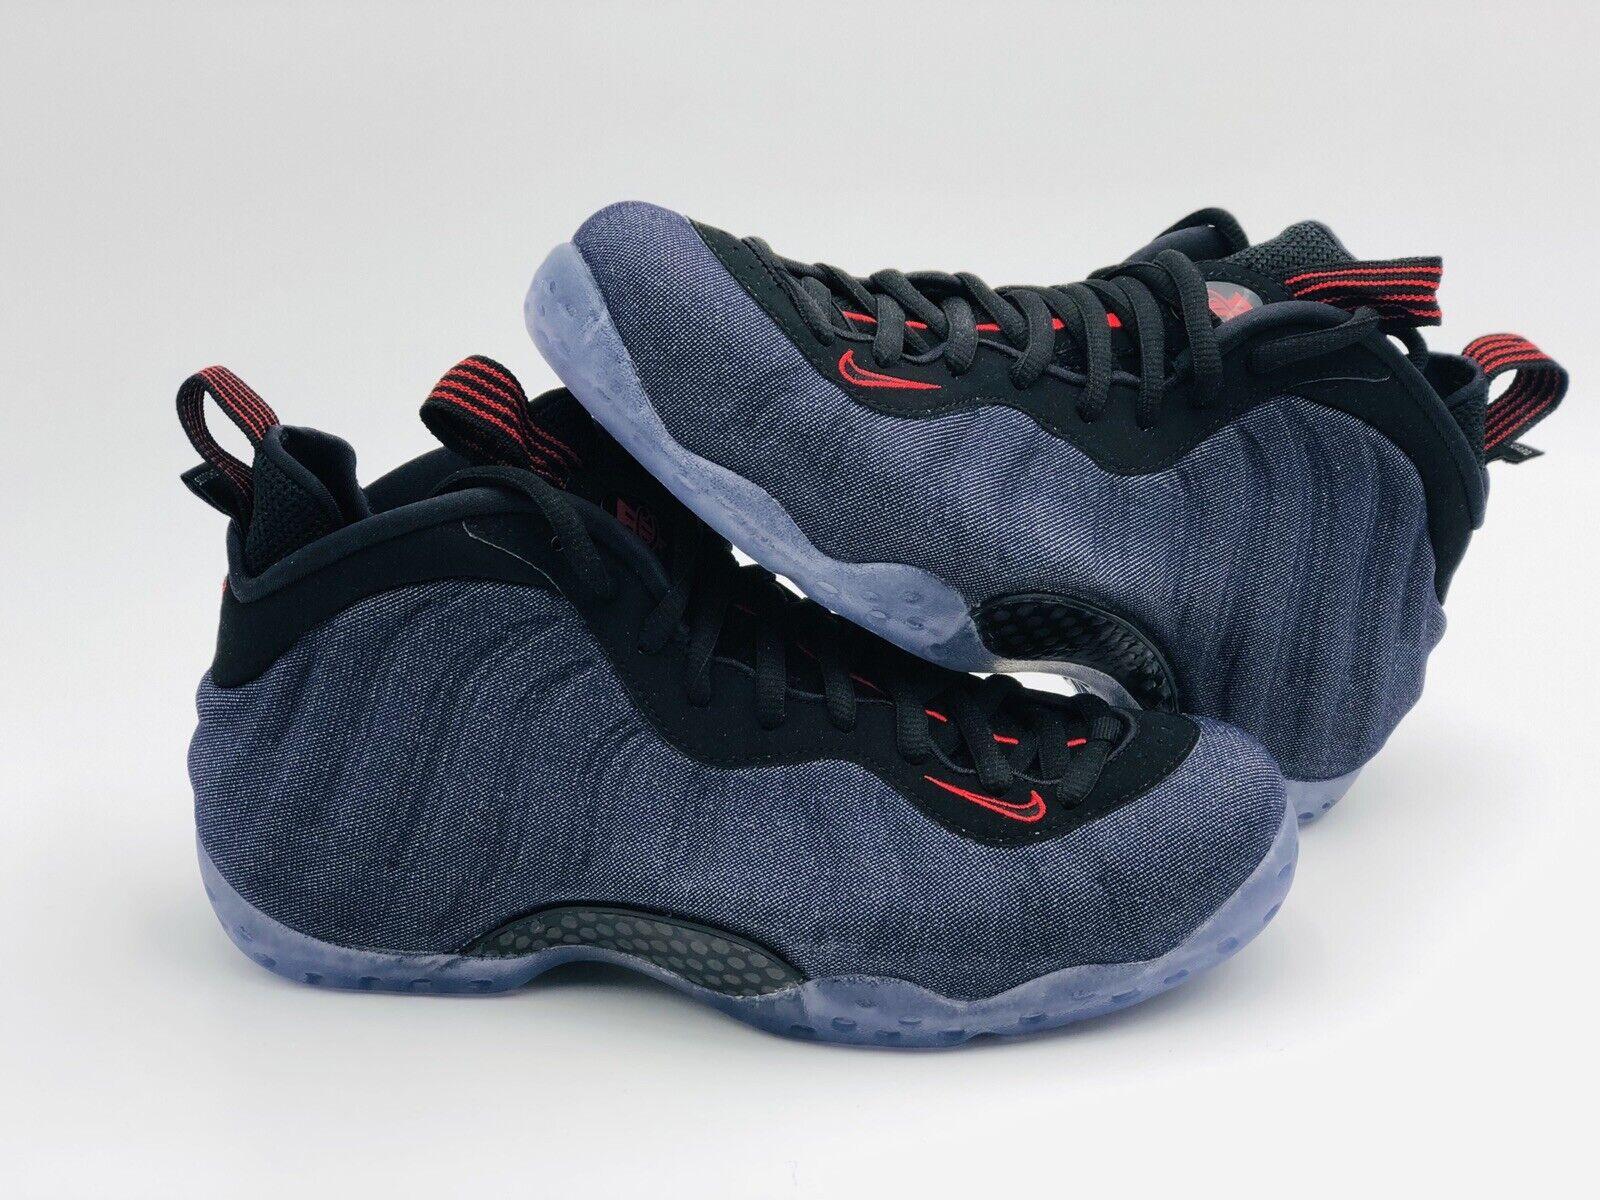 Nike Air Foamposite One Denim bluee Black 314996-404 Men's Size 8.5 New Deadstock